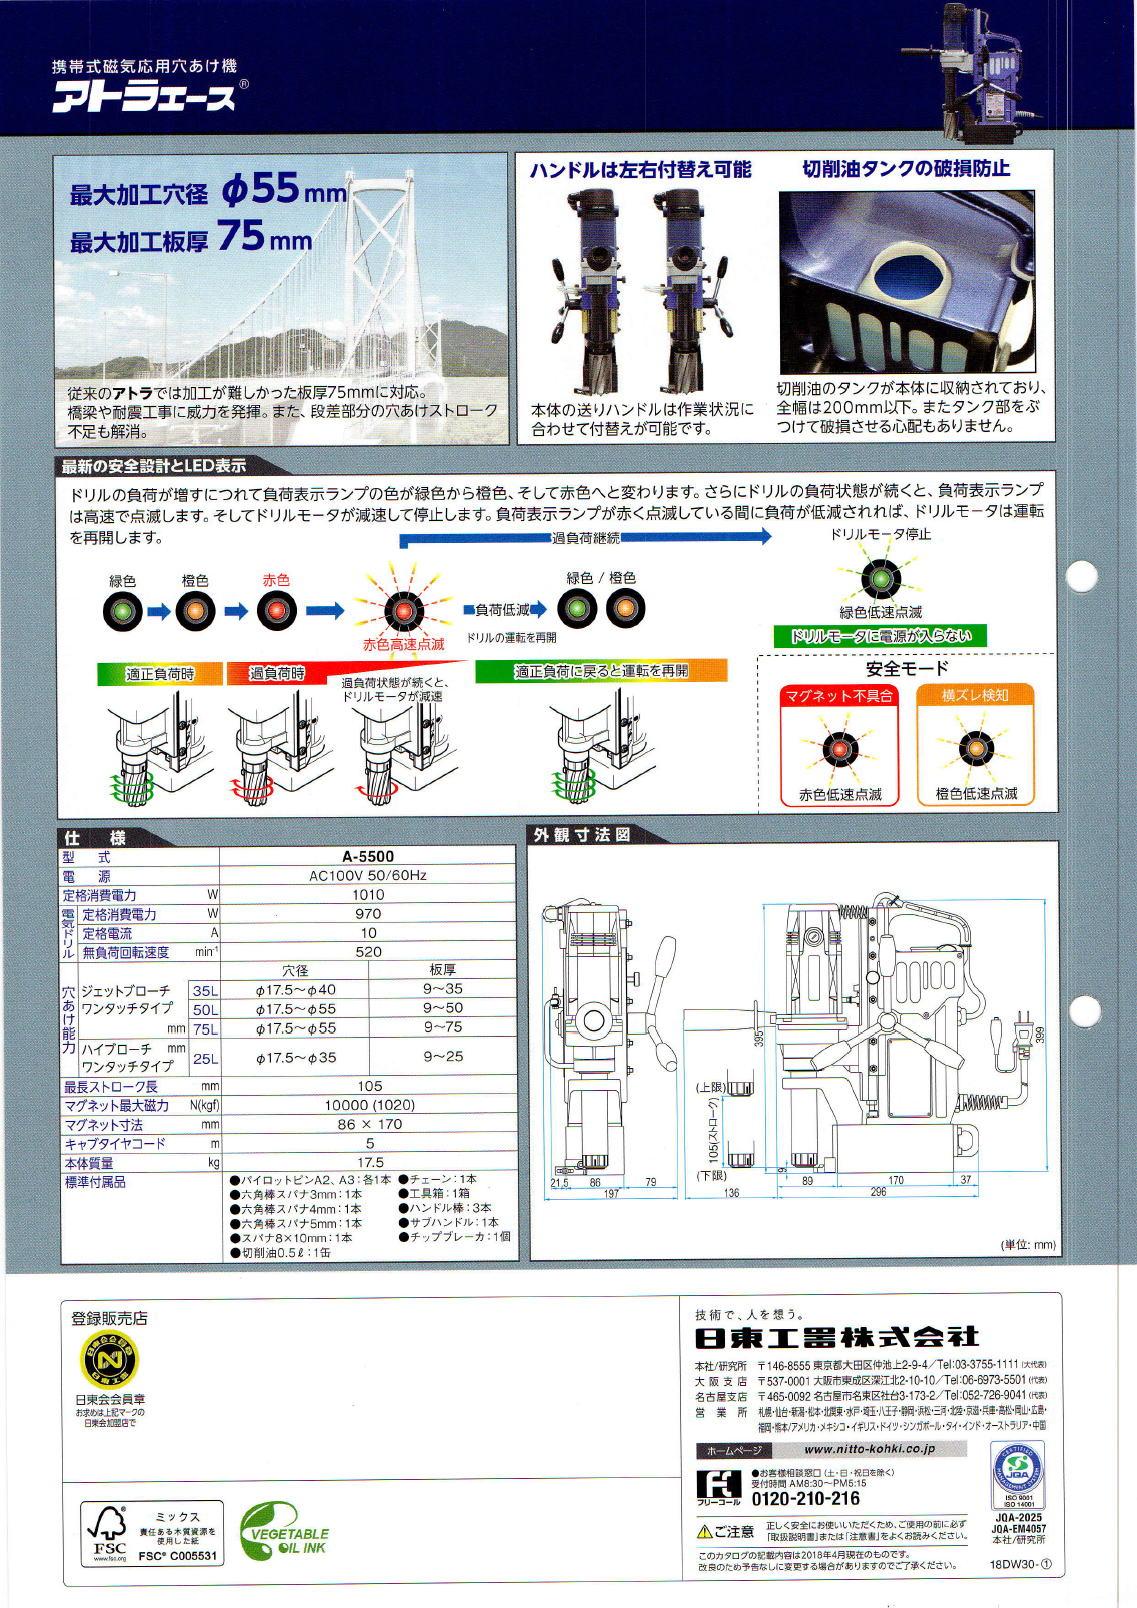 日東工器 NITTO KOHKI 携帯式磁気応用穴あけ機 アトラエース A-5500